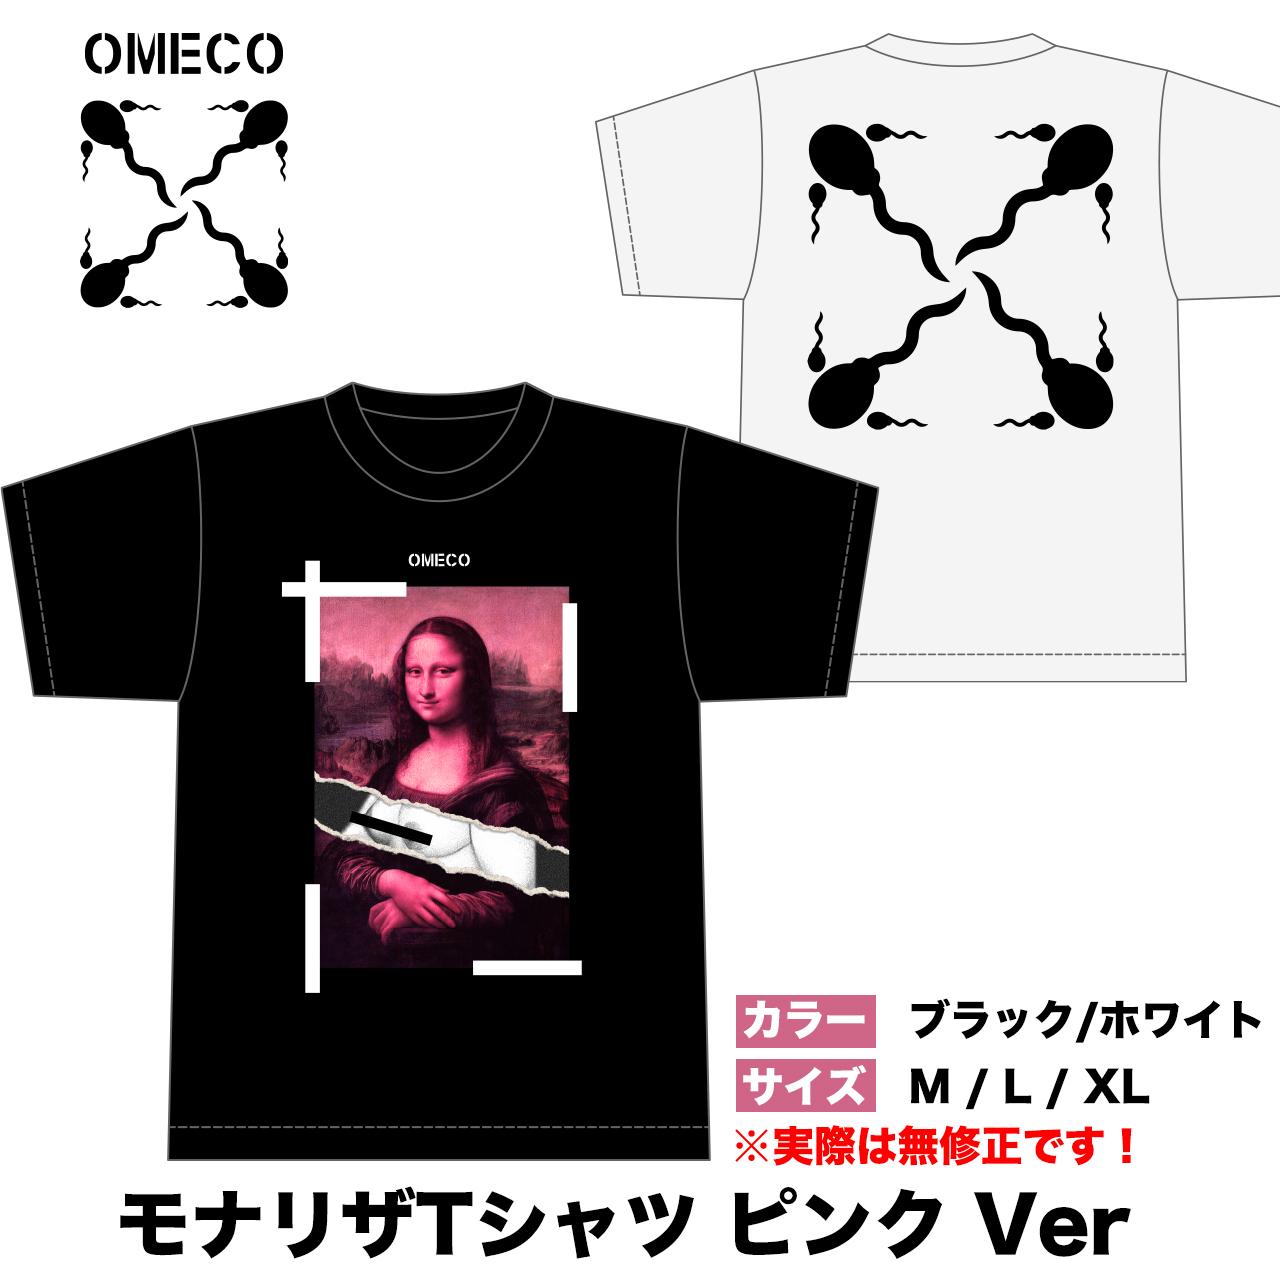 モナリザ Tシャツ ピンクVer ブラック / ホワイト ハイクオリティ Tシャツ【ご注文より2週間前後でお届け】